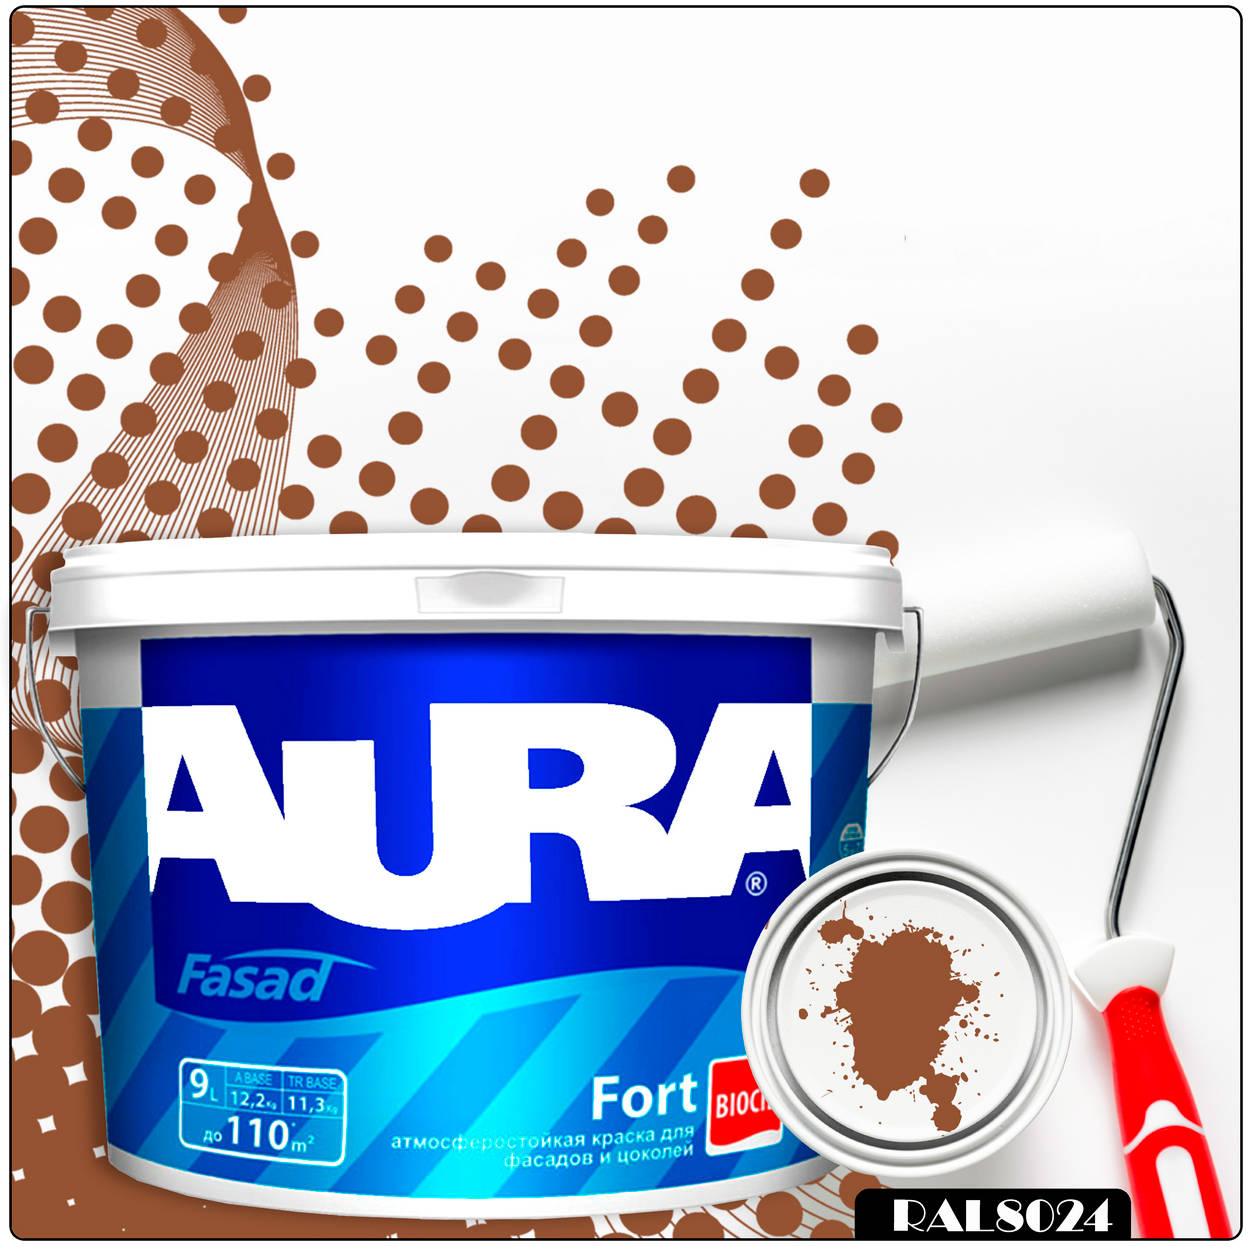 Фото 16 - Краска Aura Fasad Fort, RAL 8024 Бежево-коричневый, латексная, матовая, для фасада и цоколей, 9л, Аура.